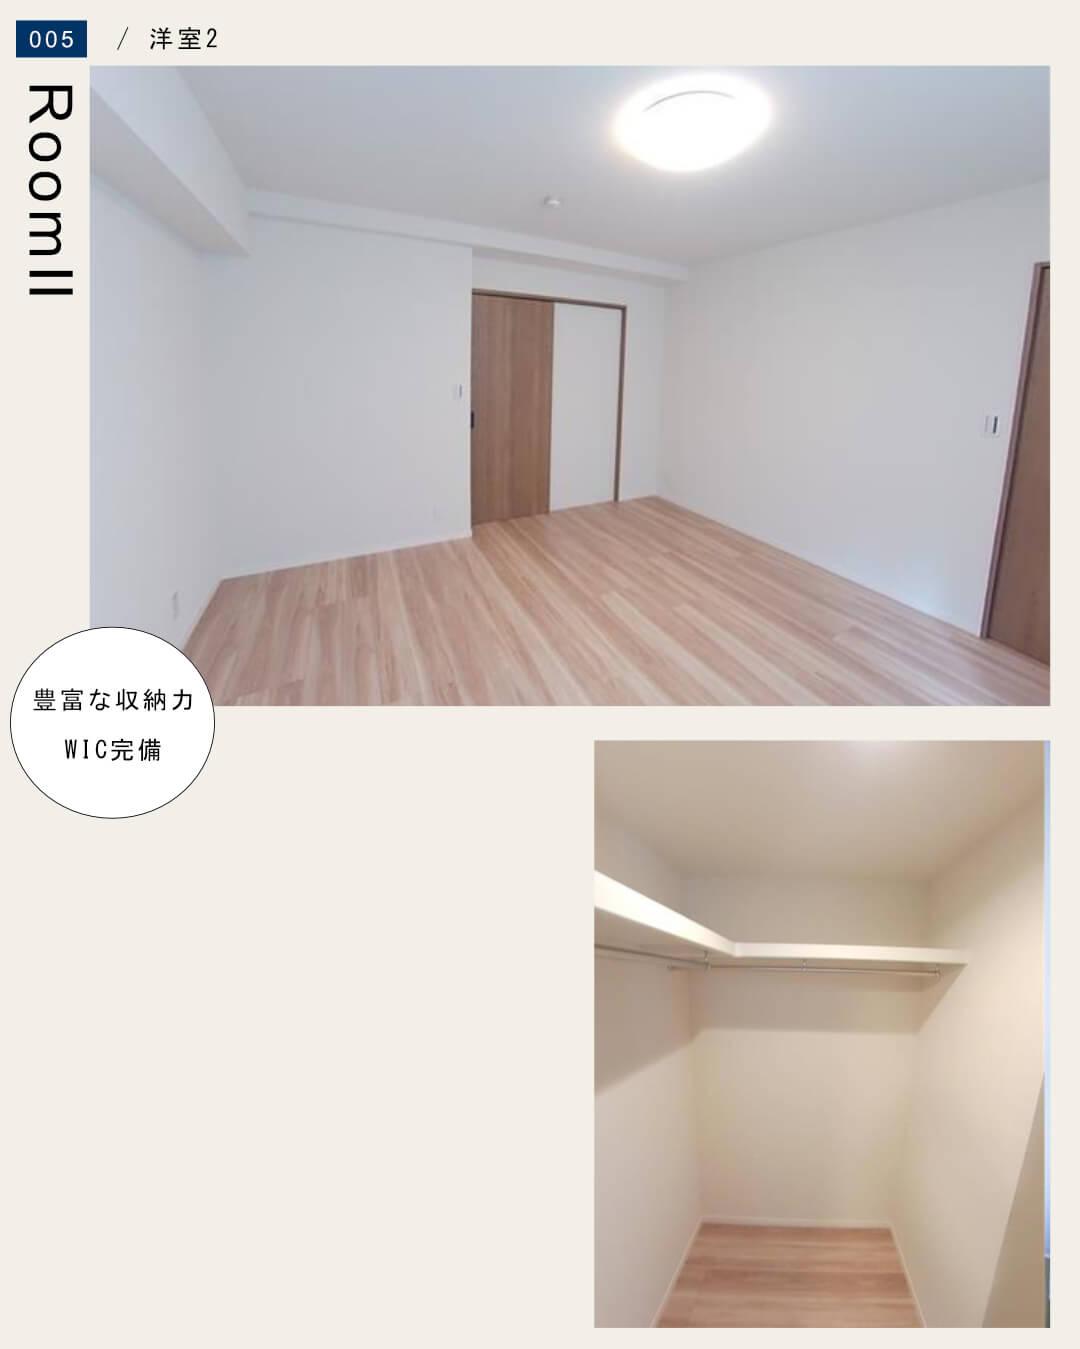 マイファリエ長崎101の洋室2